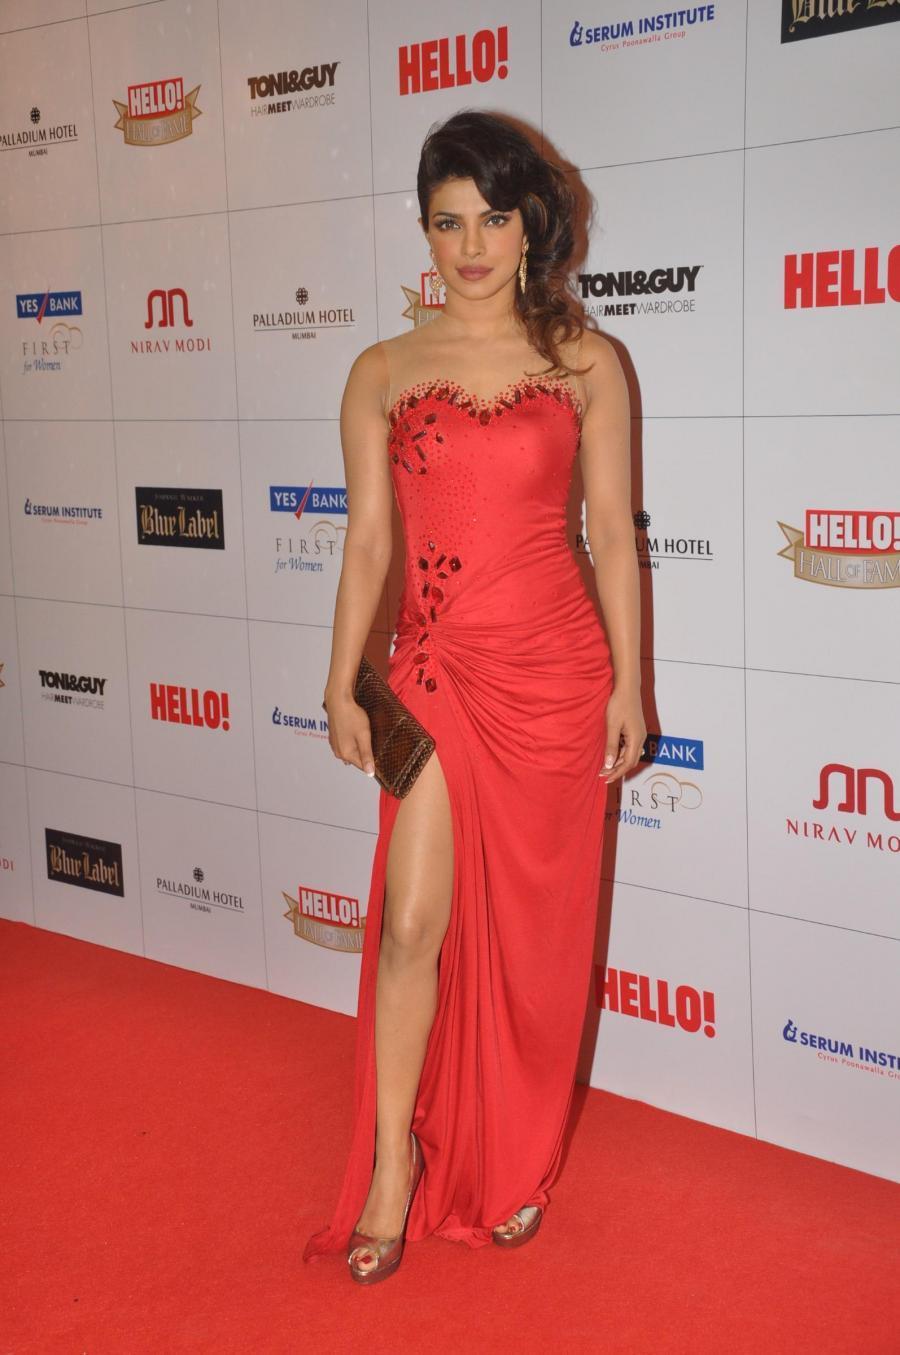 Priyanka Chopra Long Hair In Red Gown At Fame Award